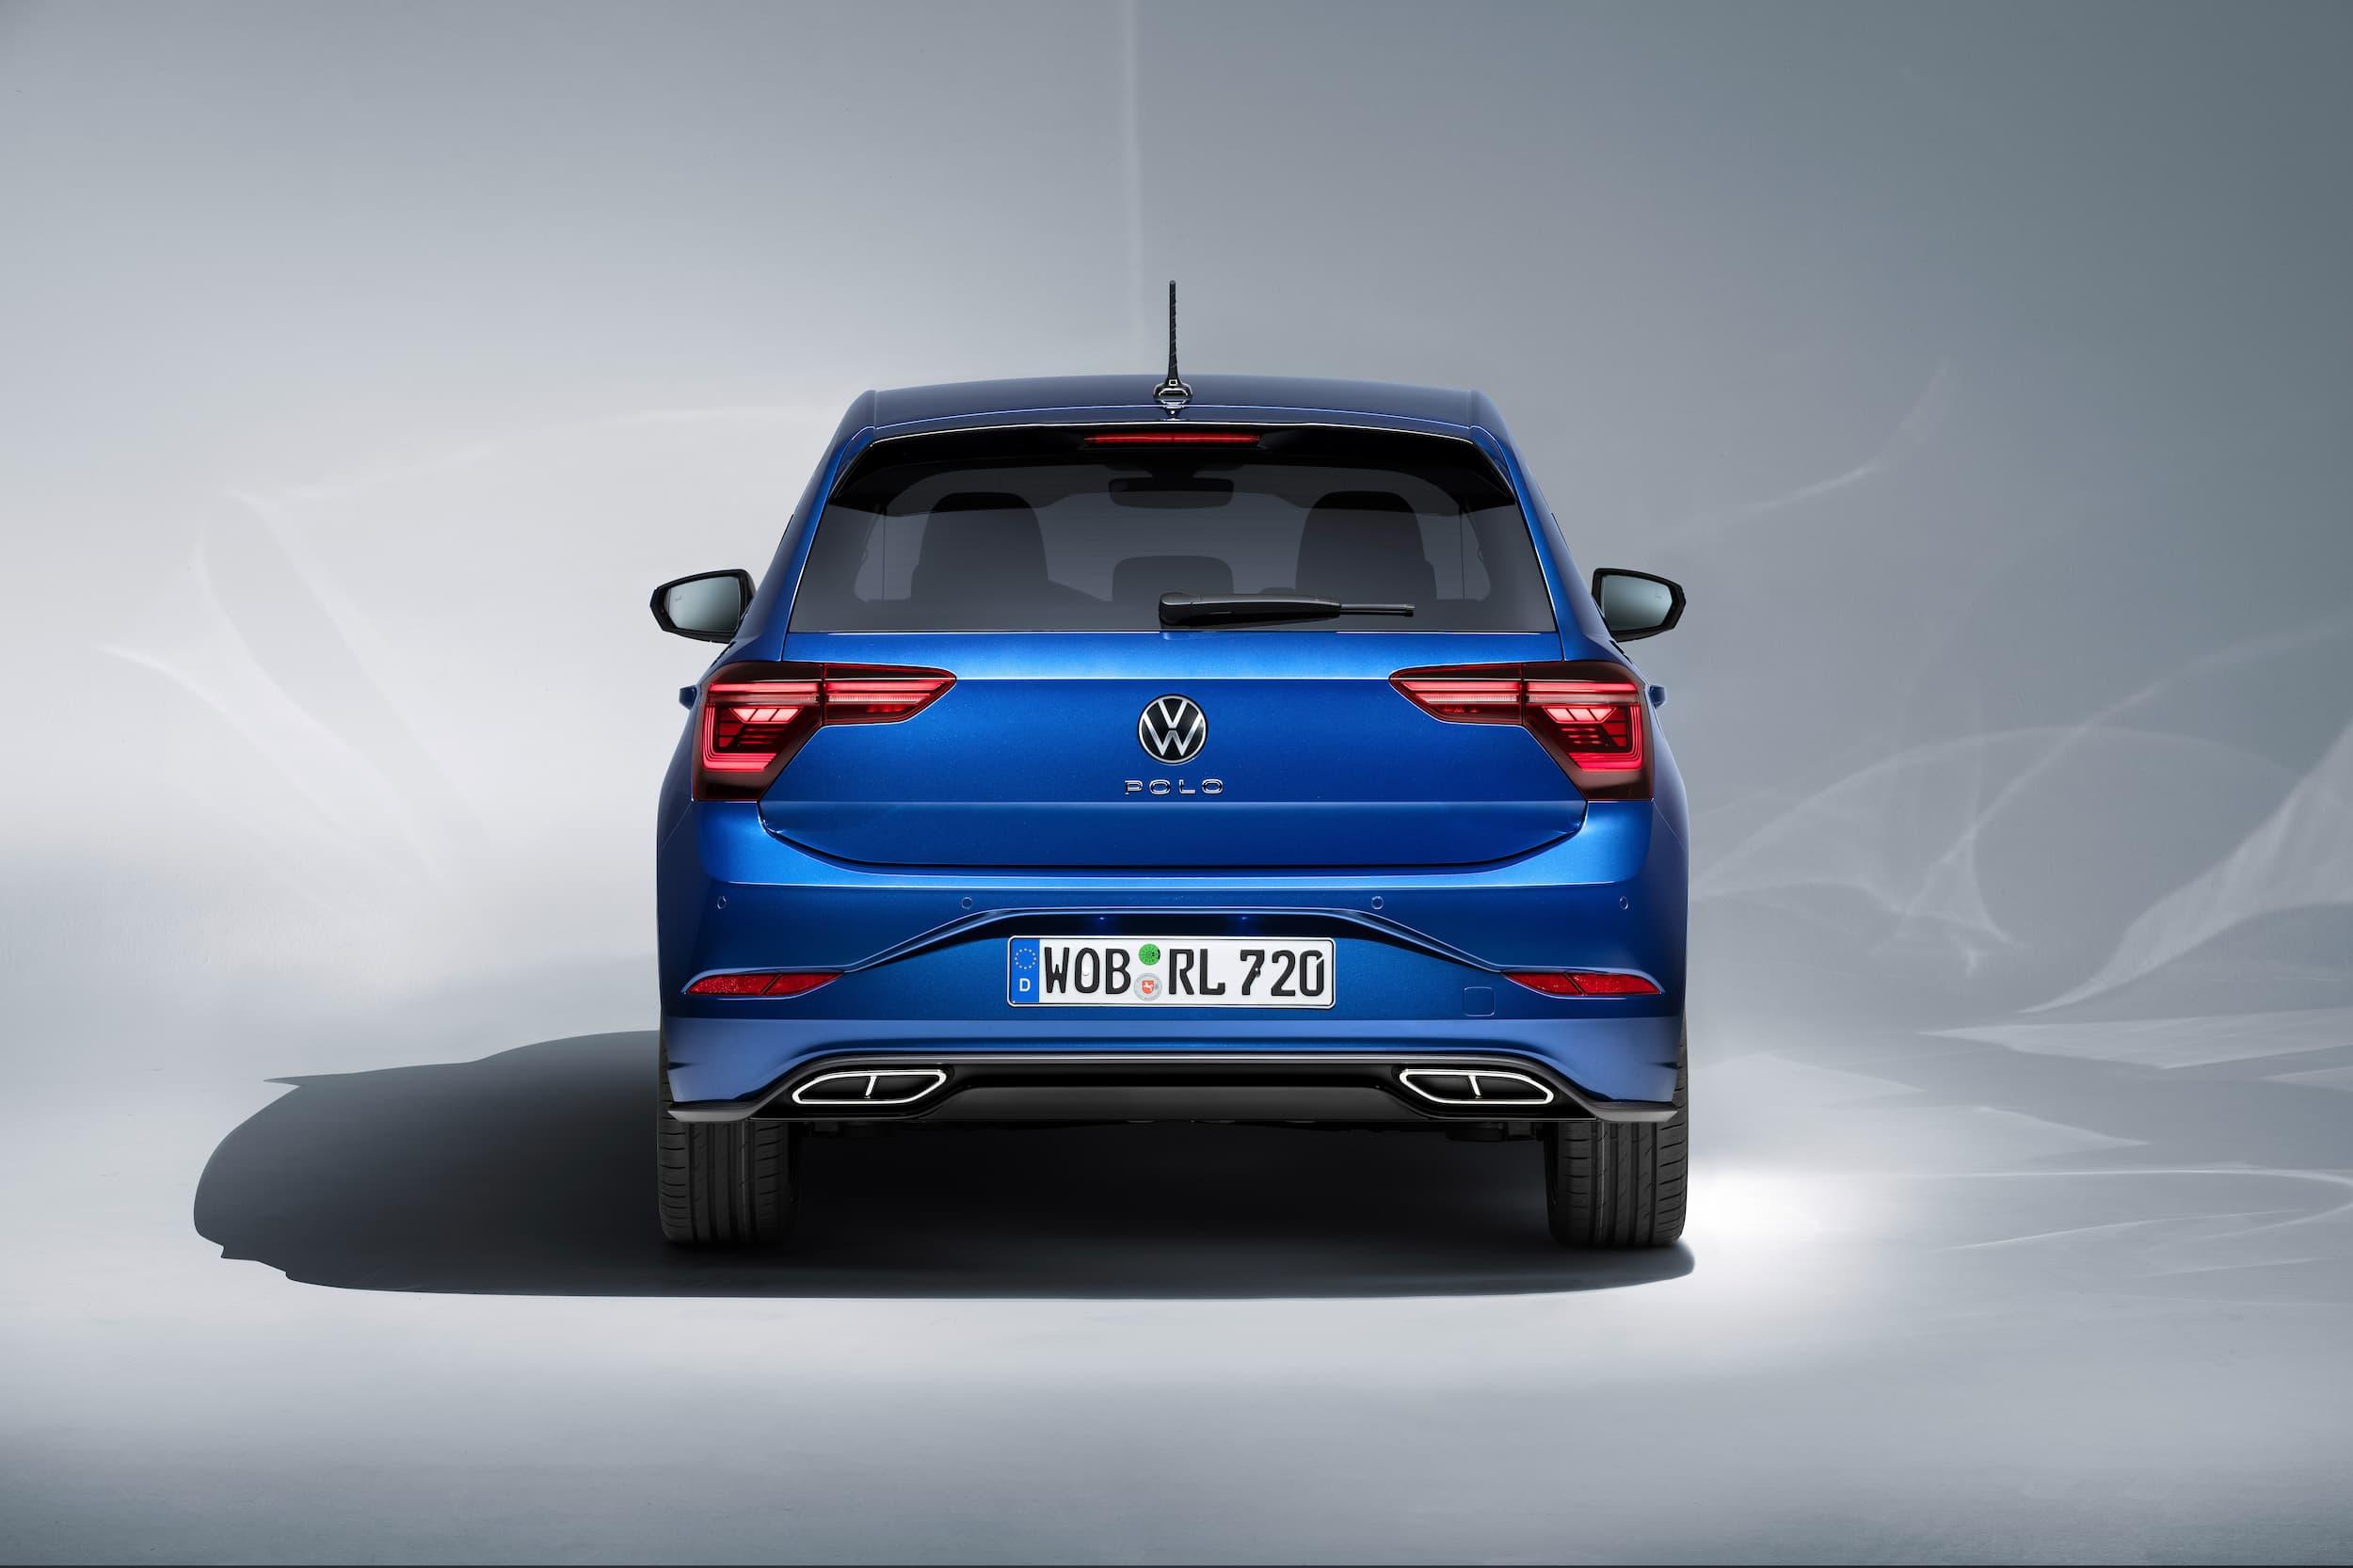 Nuevo Volkswagen Polo, uno de los primeros coches de su clase que circula de manera semiautomtica 4